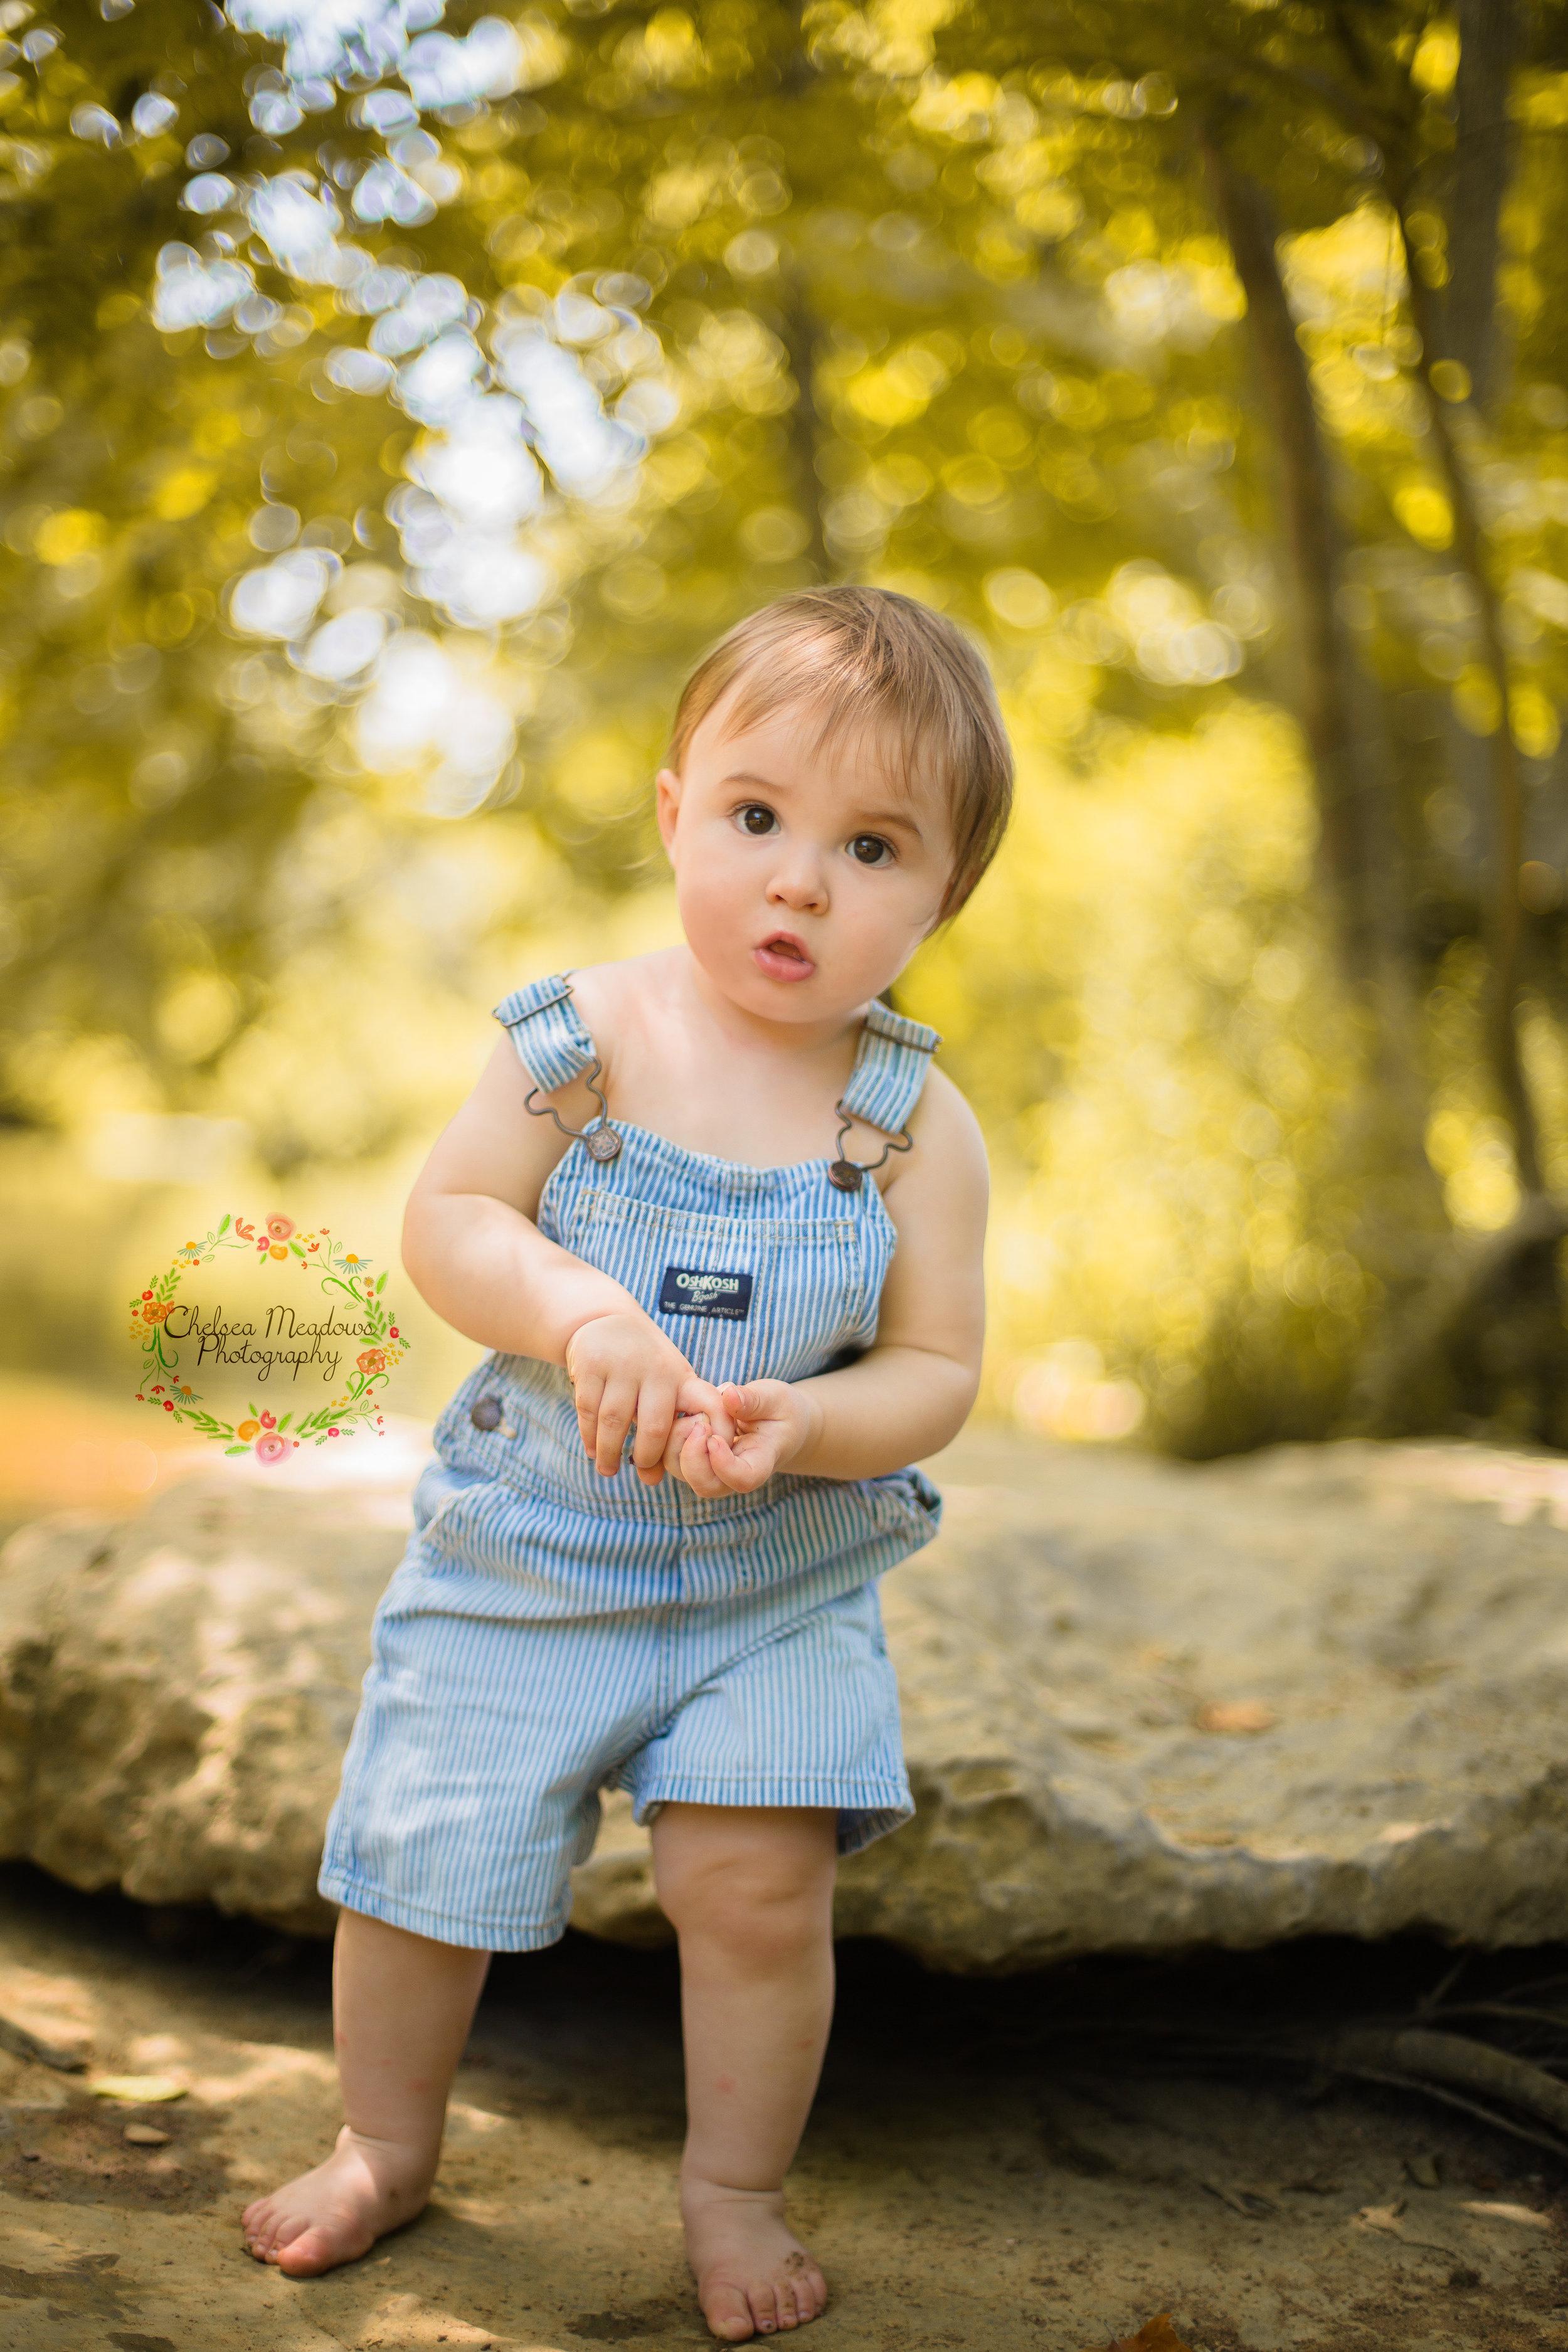 Rowans First Birthday - Nashville Family Photographer - Chelsea Meadows Photography (8).jpg